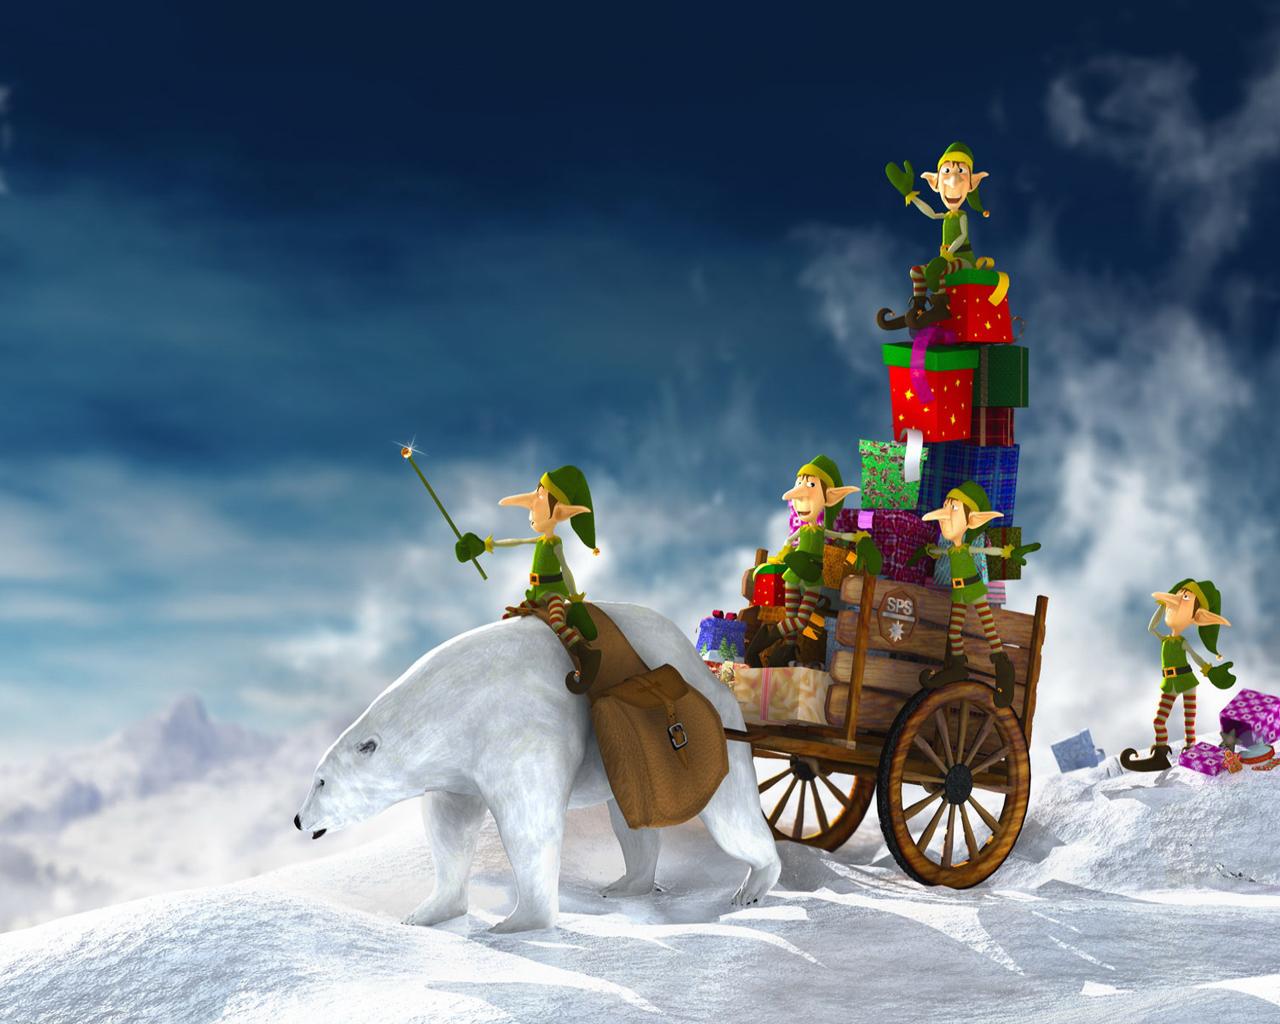 Wallpapers Aku Low Cuwex Free Christmas Desktop